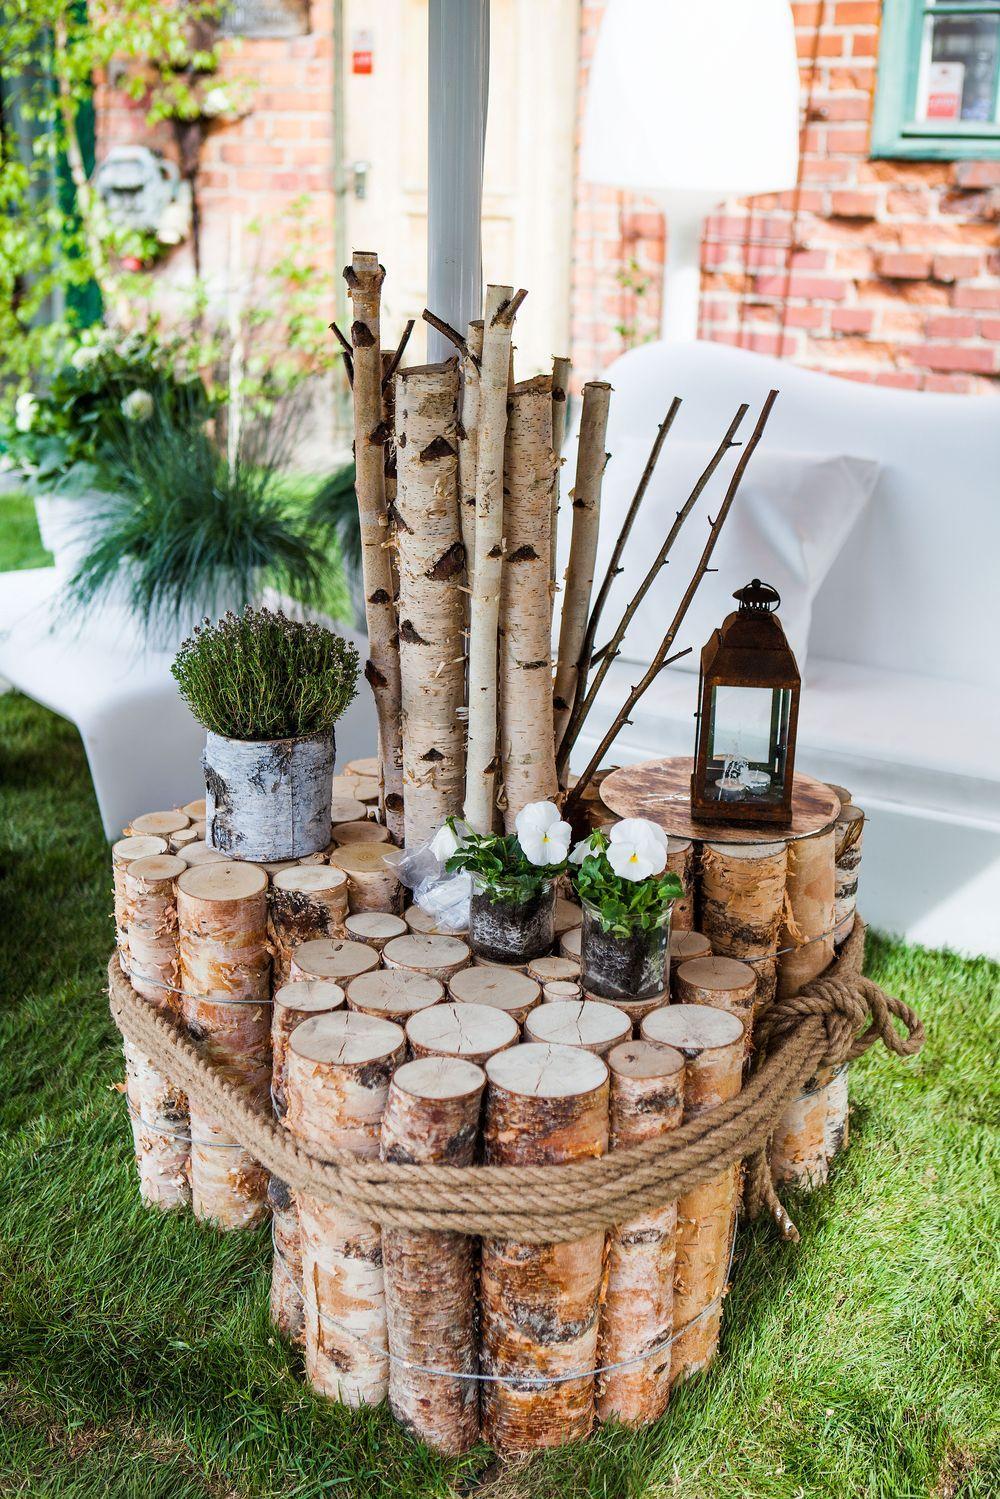 Idee Deco Jardin Facile déco jardin diy: idées originales et faciles avec objet de récup